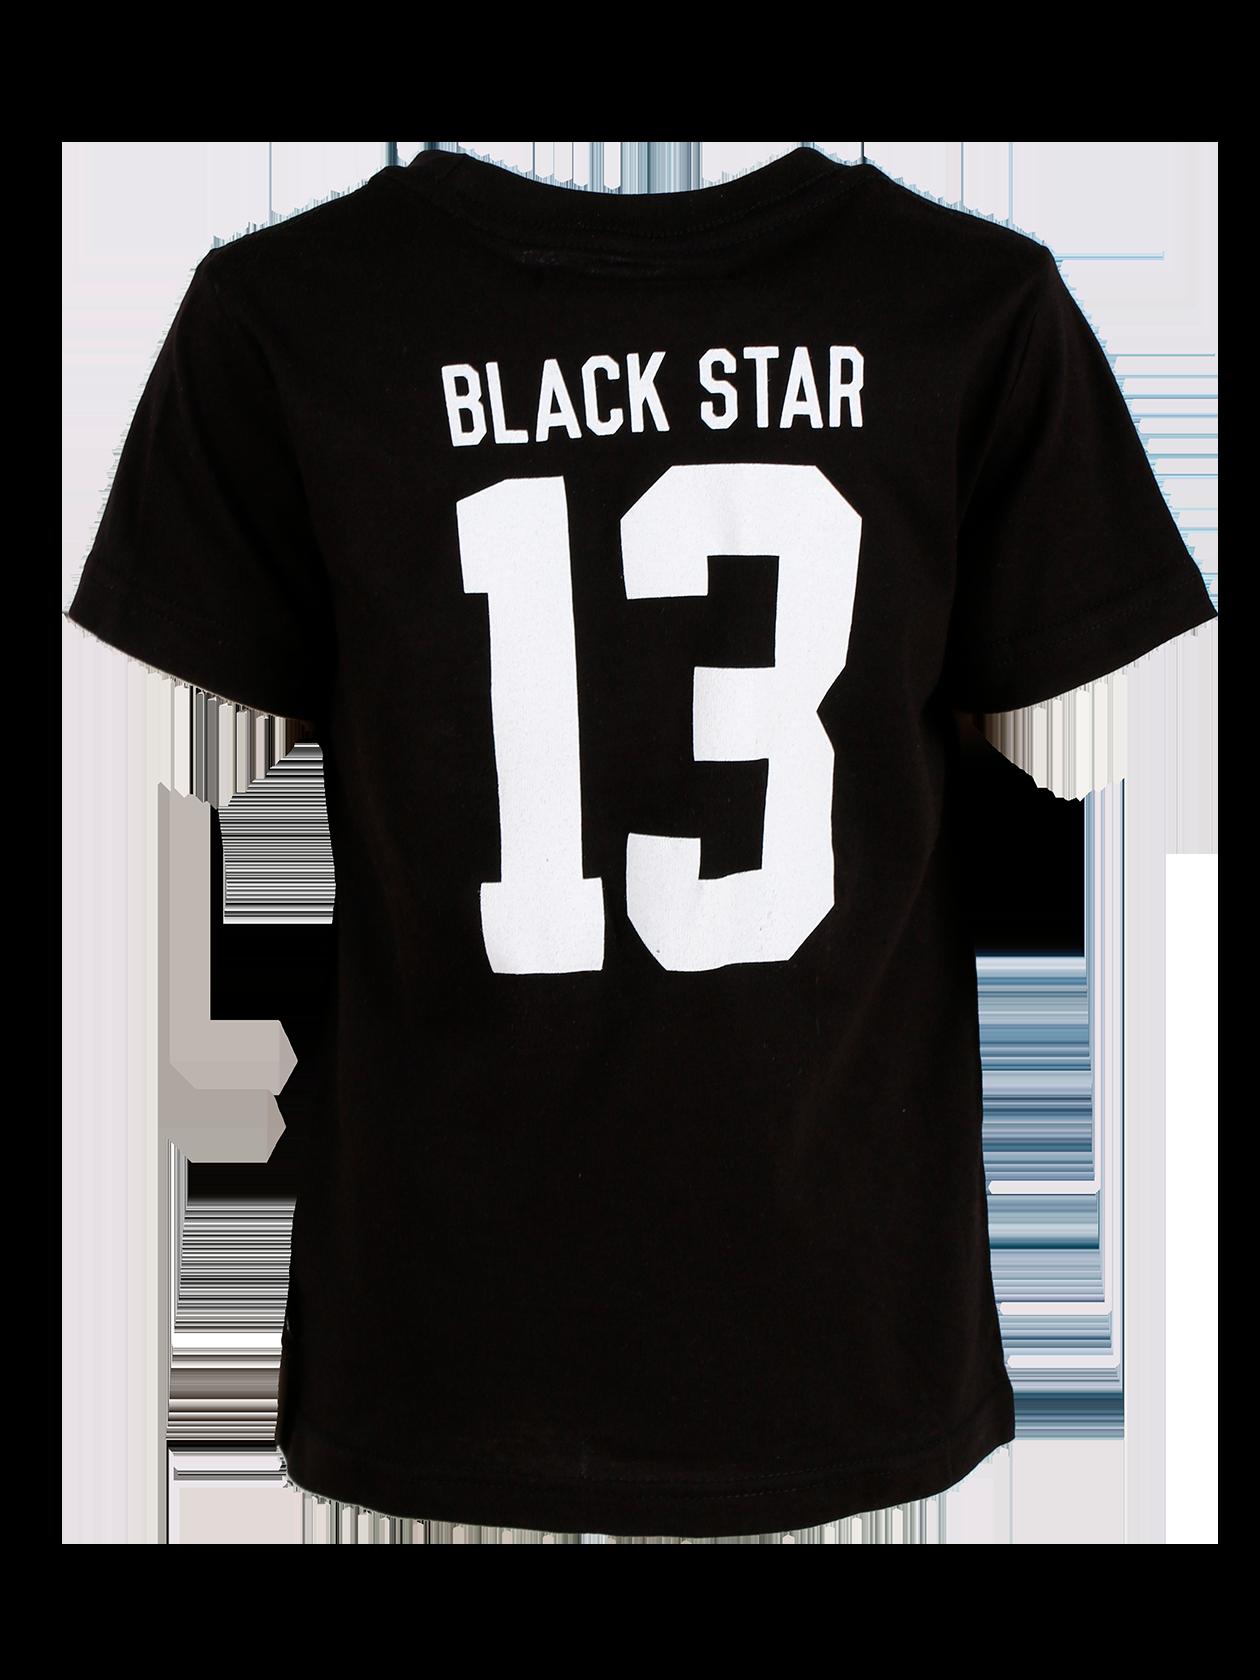 Футболка детская BLACK STAR 13Футболка детская Black Star 13 из новой линии одежды Basic – идеальное сочетание стиля, удобства и комфорта для активных непосед. Базовая модель белого цвета сшита из натурального премиального хлопка. Лаконичный дизайн, прямой свободный крой, укороченный рукав. На спине крупный принт в виде надписи Black Star 13. Внутри на горловине жаккардовый лейбл с логотипом бренда. Специальная цена вас приятно удивит.<br><br>Размер: 5-6 years<br>Цвет: Черный<br>Пол: Унисекс